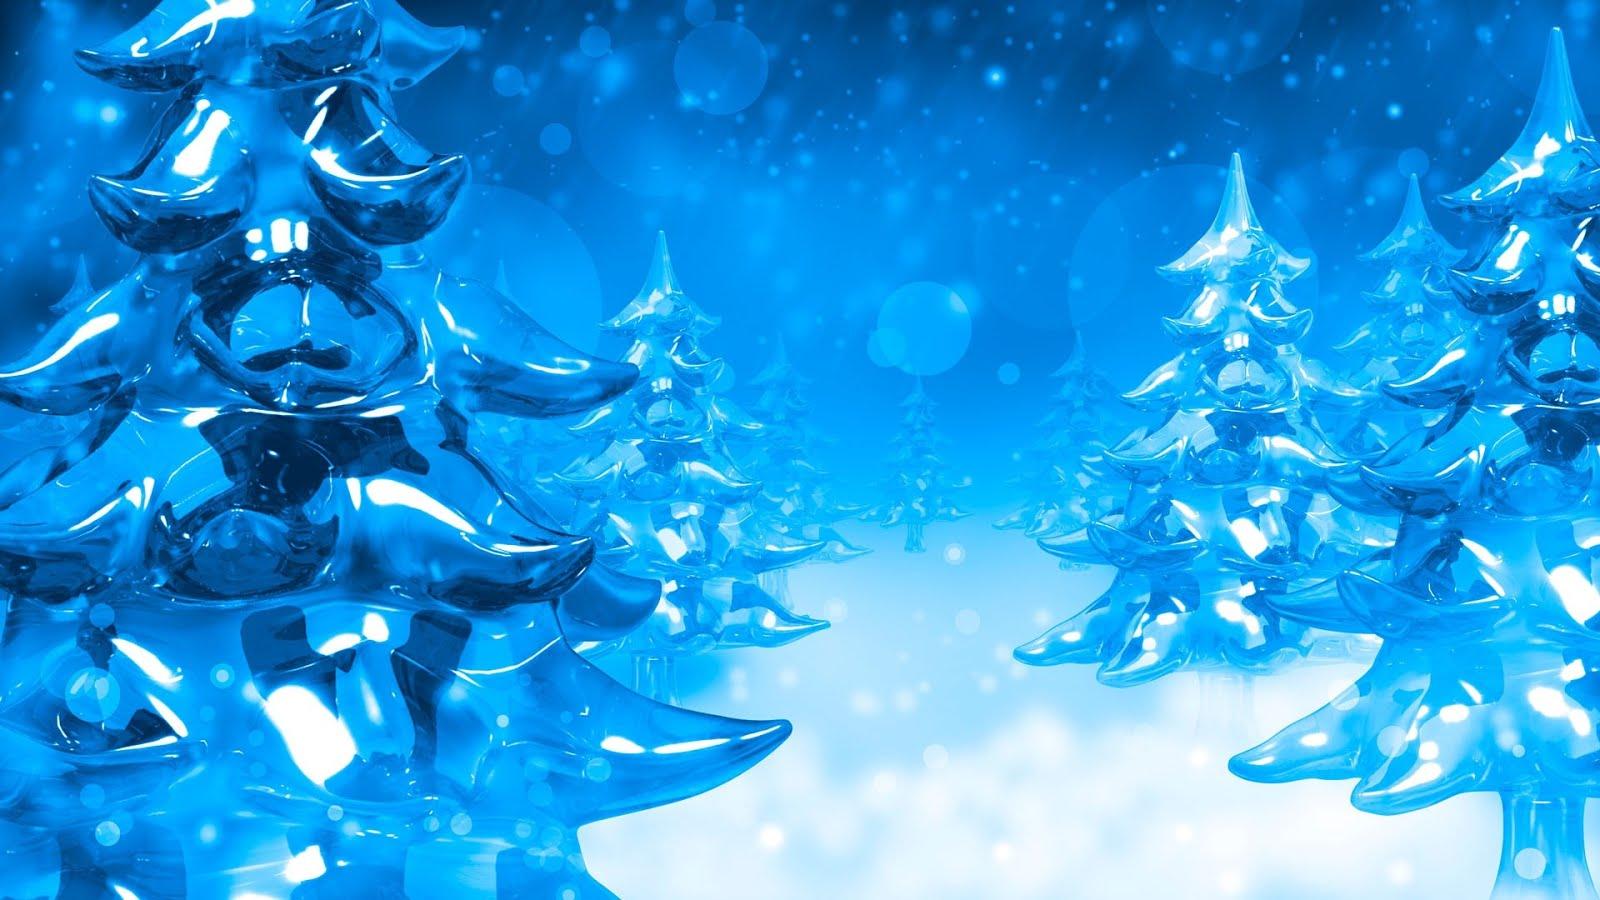 besplatne čestitke božić plava bozicna drvca download besplatne pozadine za desktop 1920 x  besplatne čestitke božić